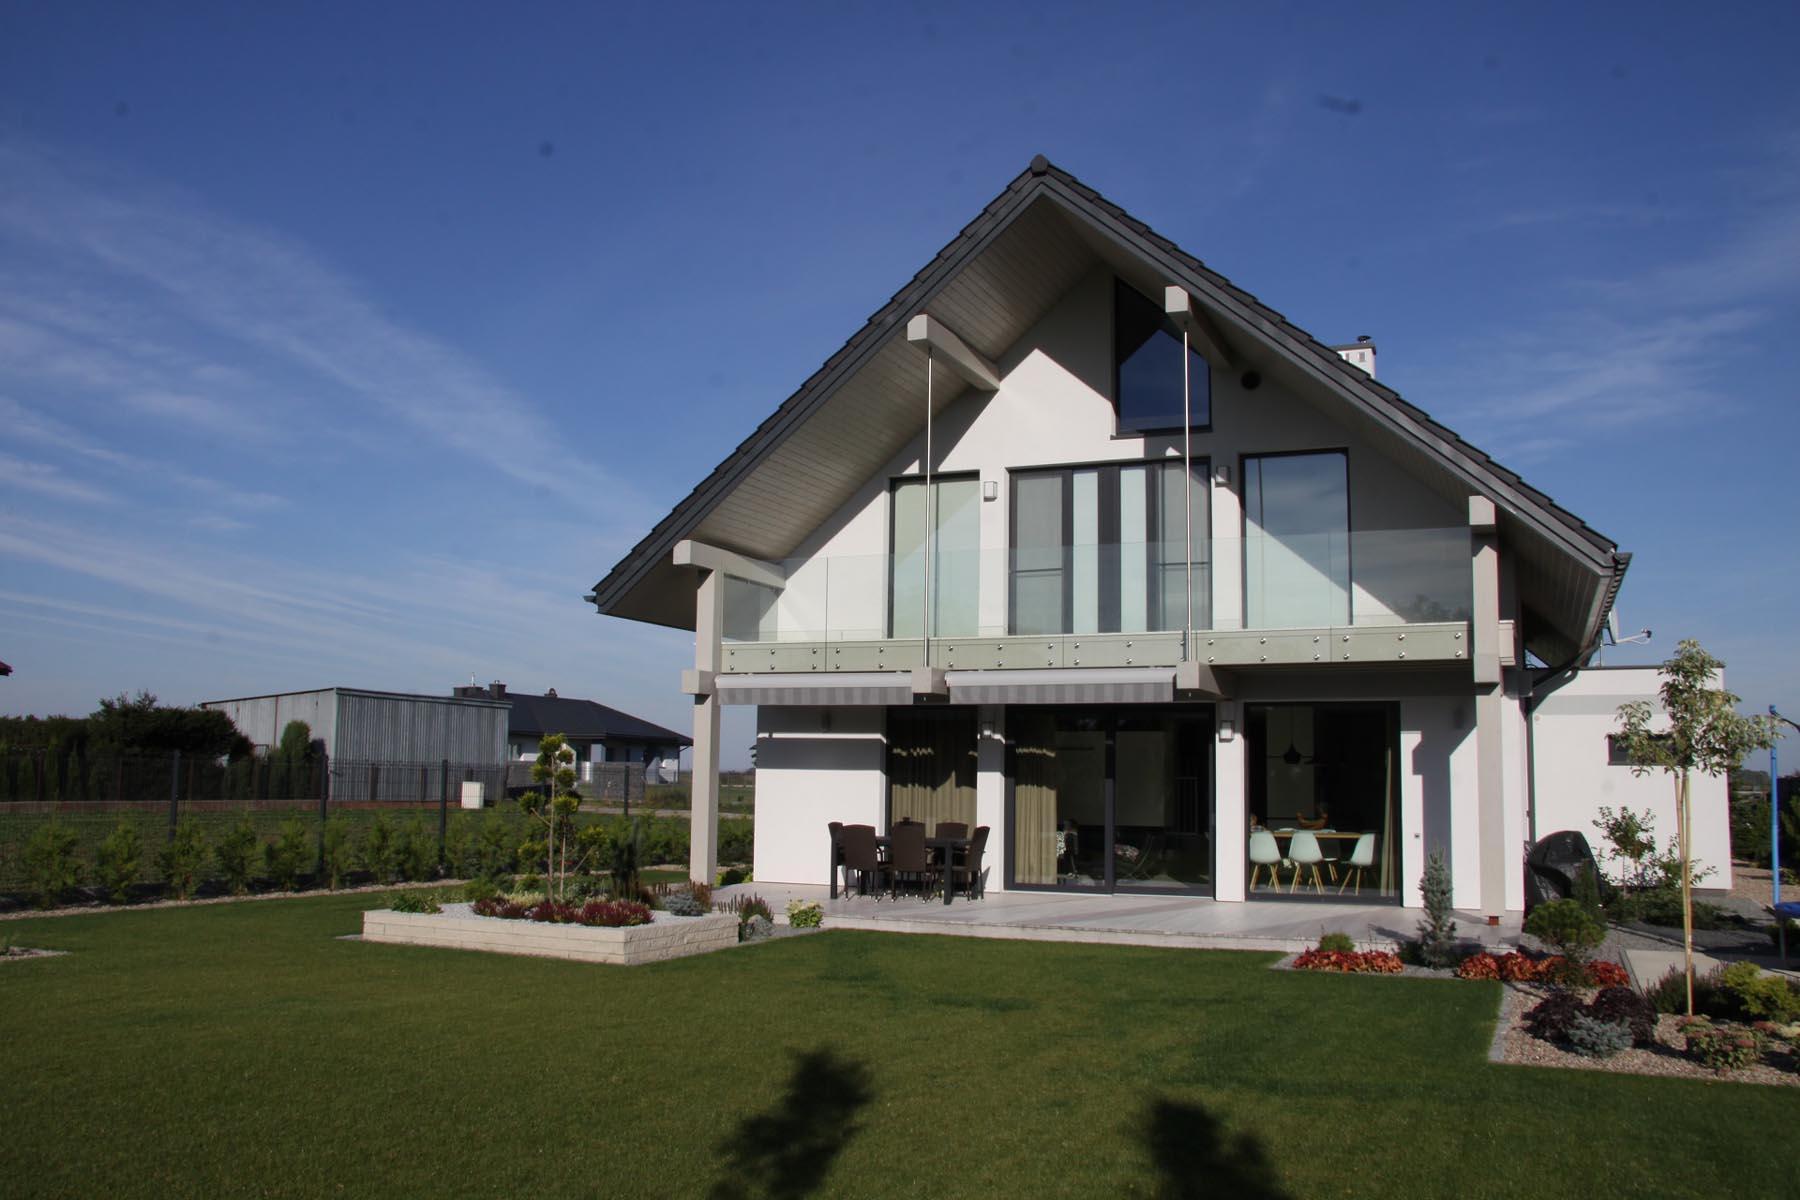 projekt-domu-otwarty-4-fot-13-1477055688-zsjj1ypl.jpg